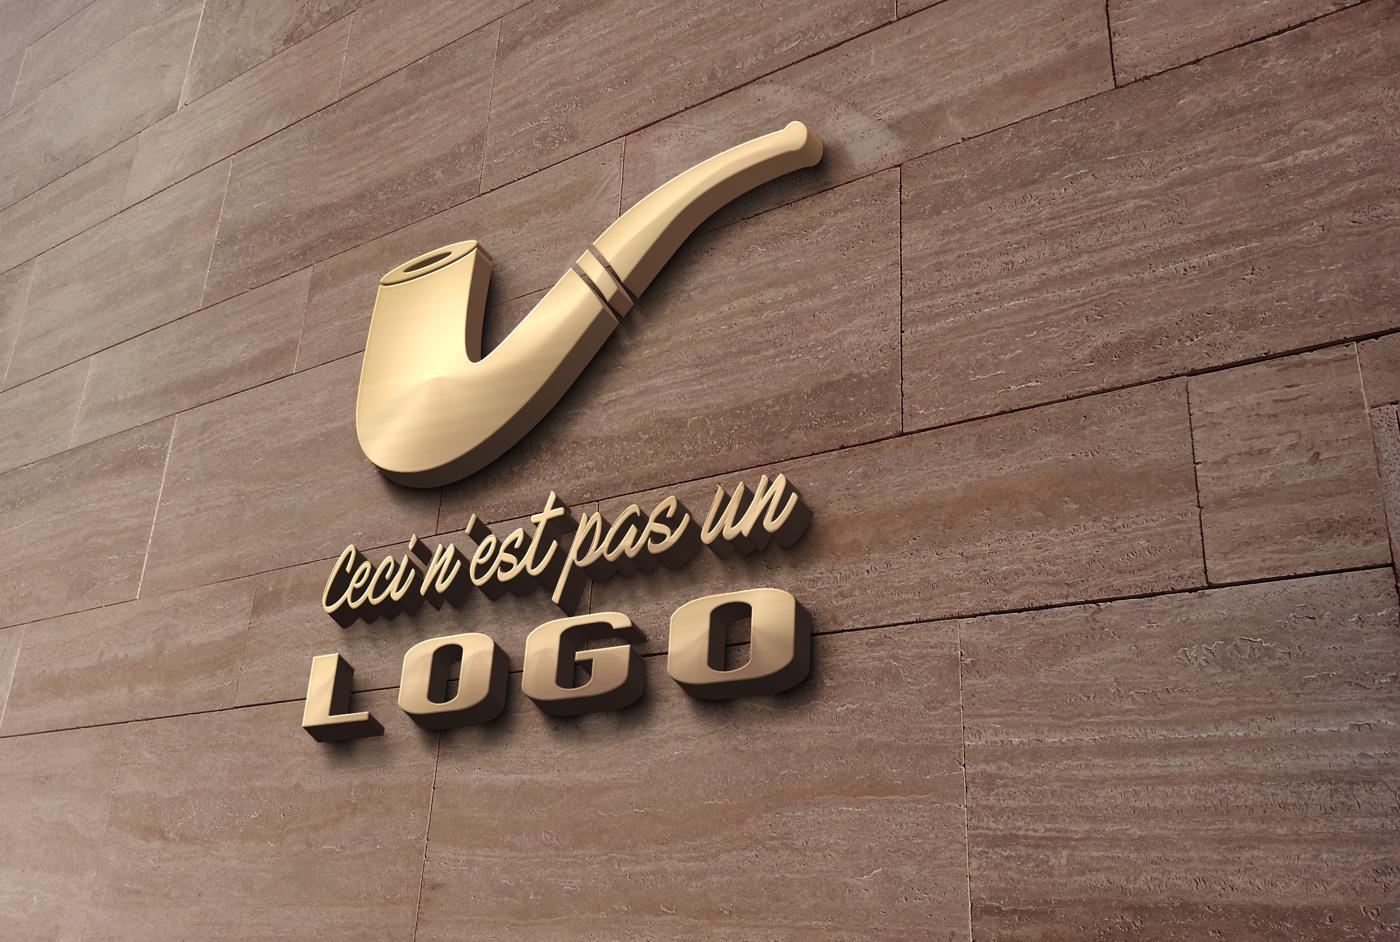 Ceci n'est pas un logo